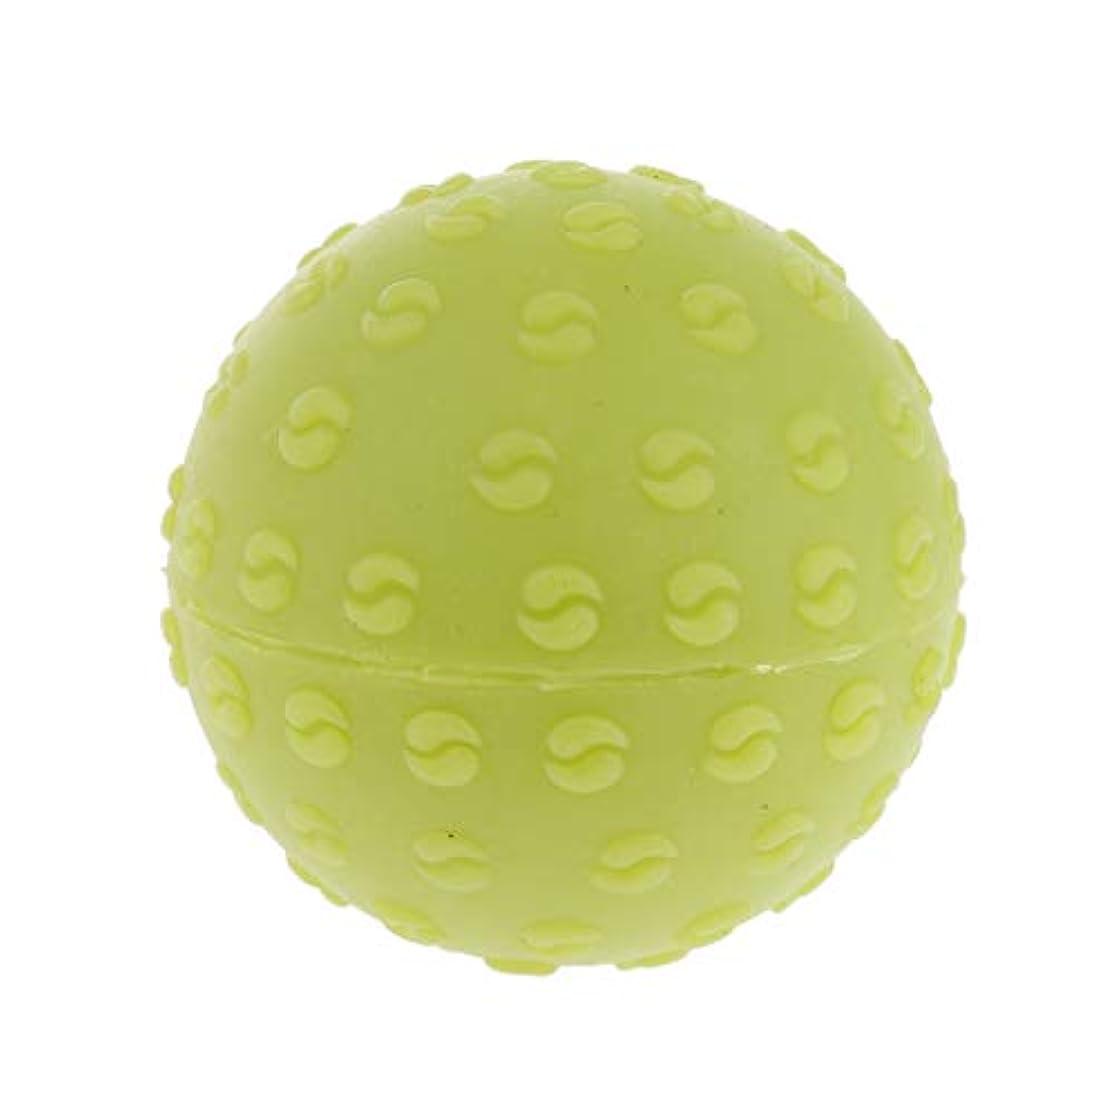 スナック巨大ピューD DOLITY マッサージボール 指圧ボール シリコーン トリガーポイント 足底筋膜炎 ヨガ 快適 全6色 - 緑, 説明のとおり